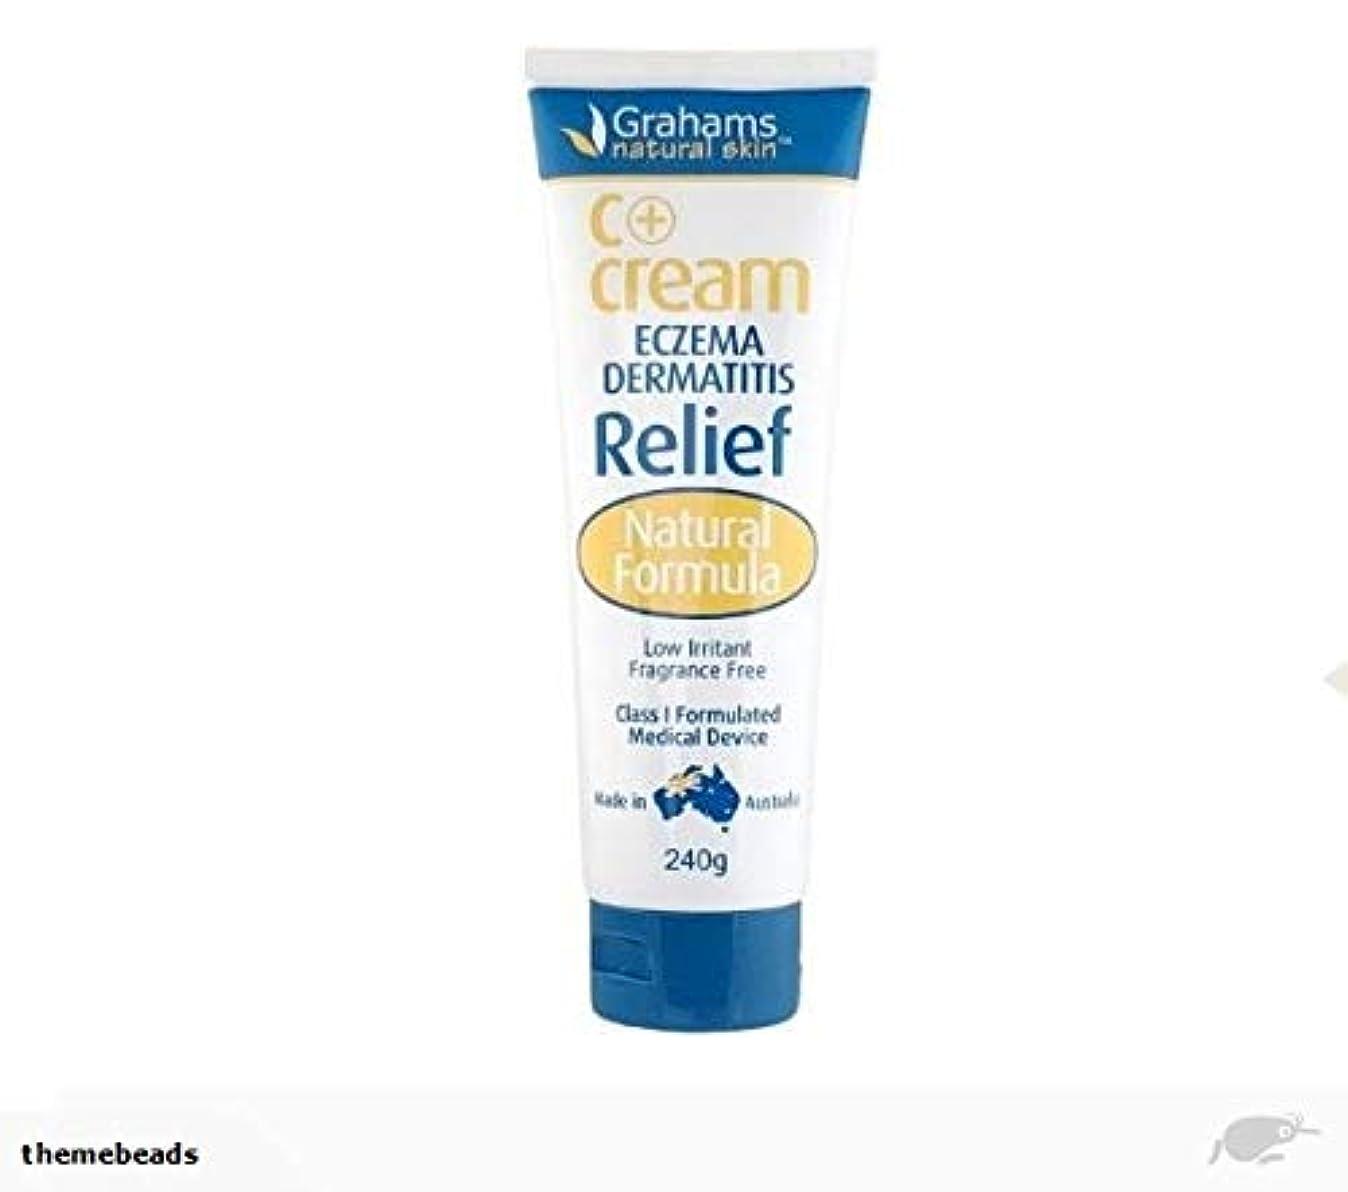 実質的勘違いする歩行者[Grahams] 湿疹 かぶれ肌に C+クリーム 無香料 低刺激 (C+ Cream ECZEMA DERMATITIS Relif) 240g [海外直送品]